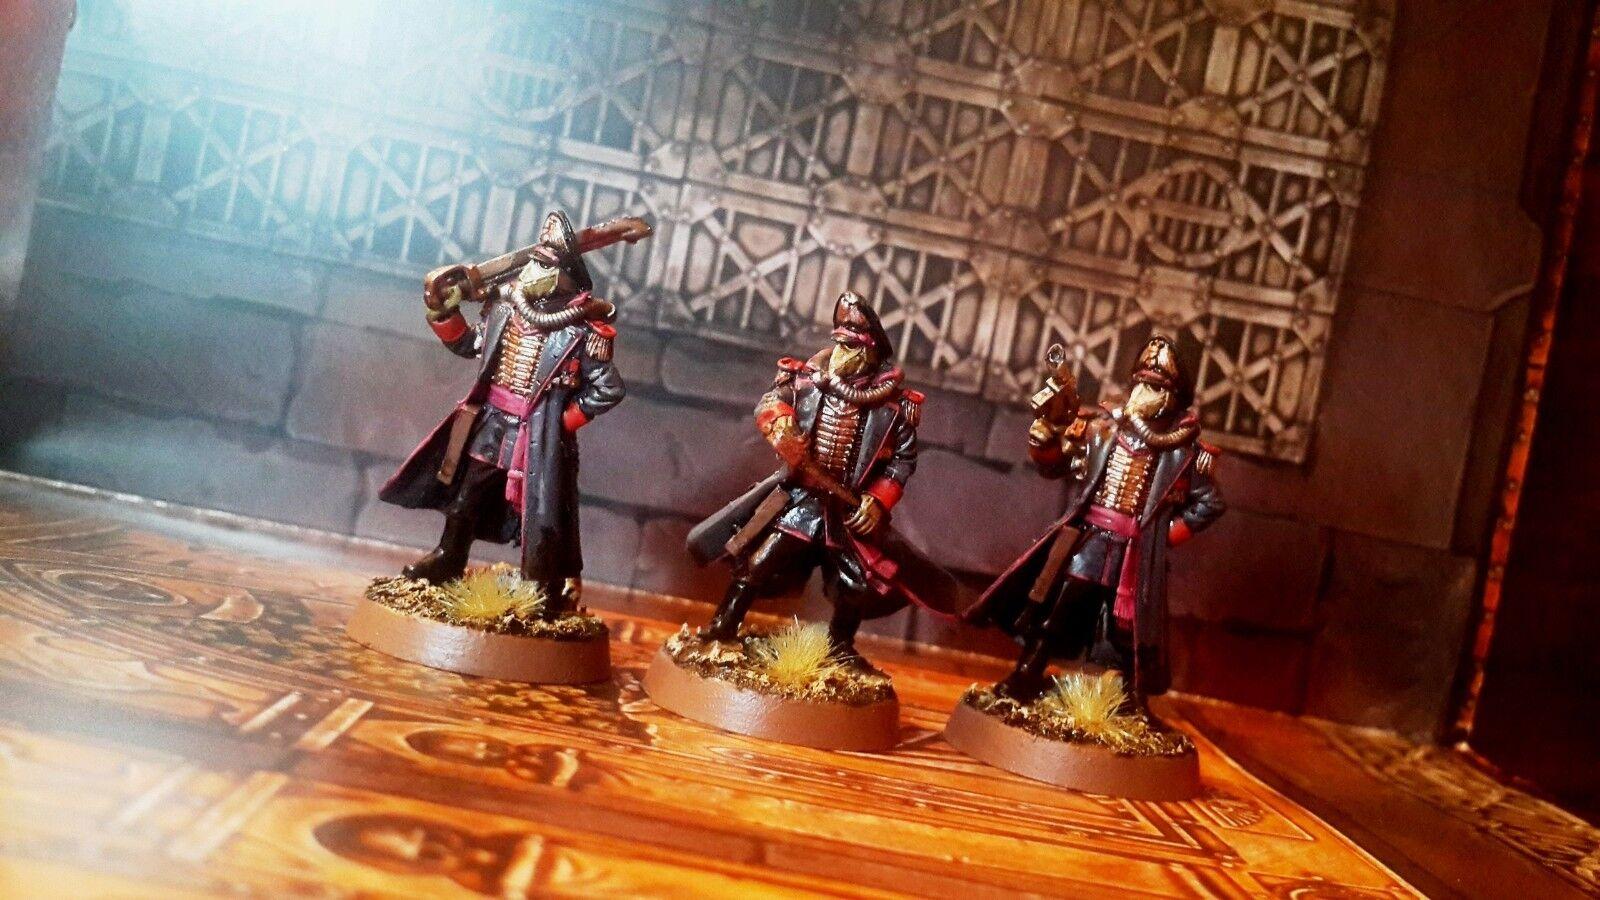 El Caballero de de de la muerte de la Comisión krieg, tiene un paquete exclusivo de 40 martillos. 40d